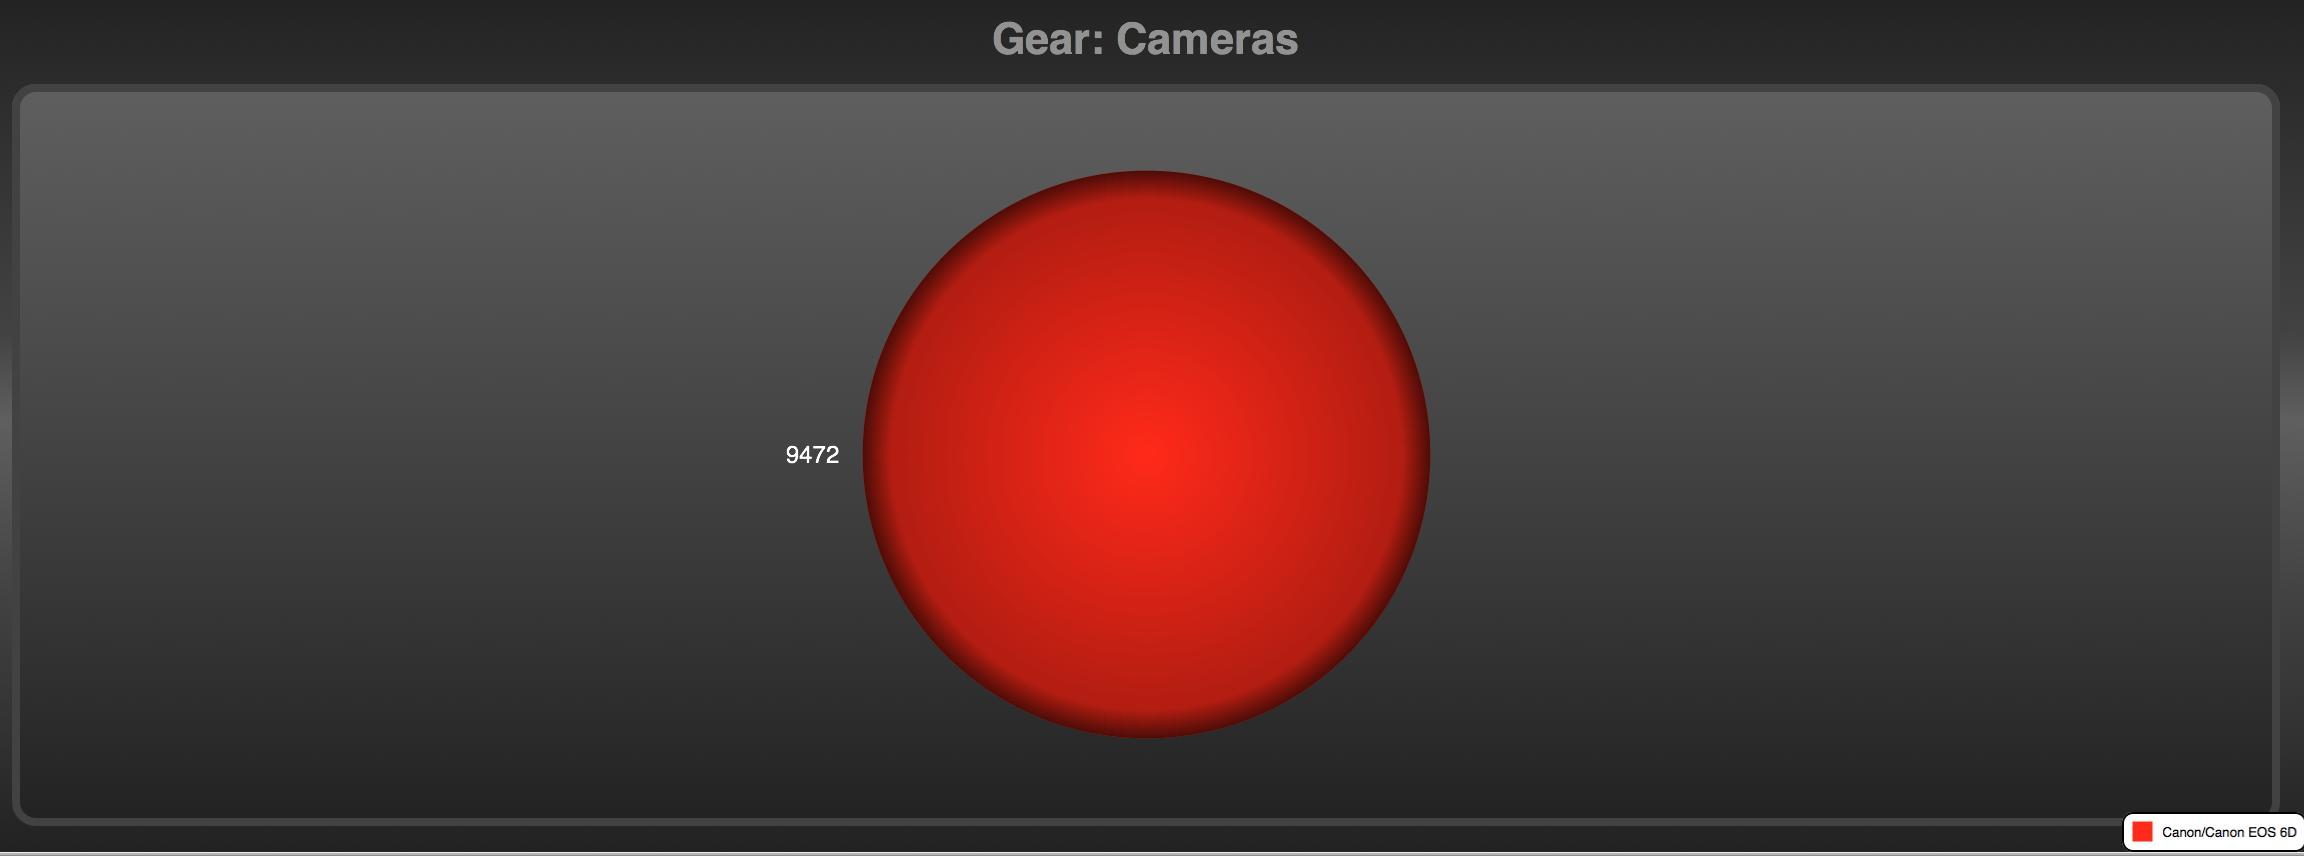 GearHead Express:使用カメラ